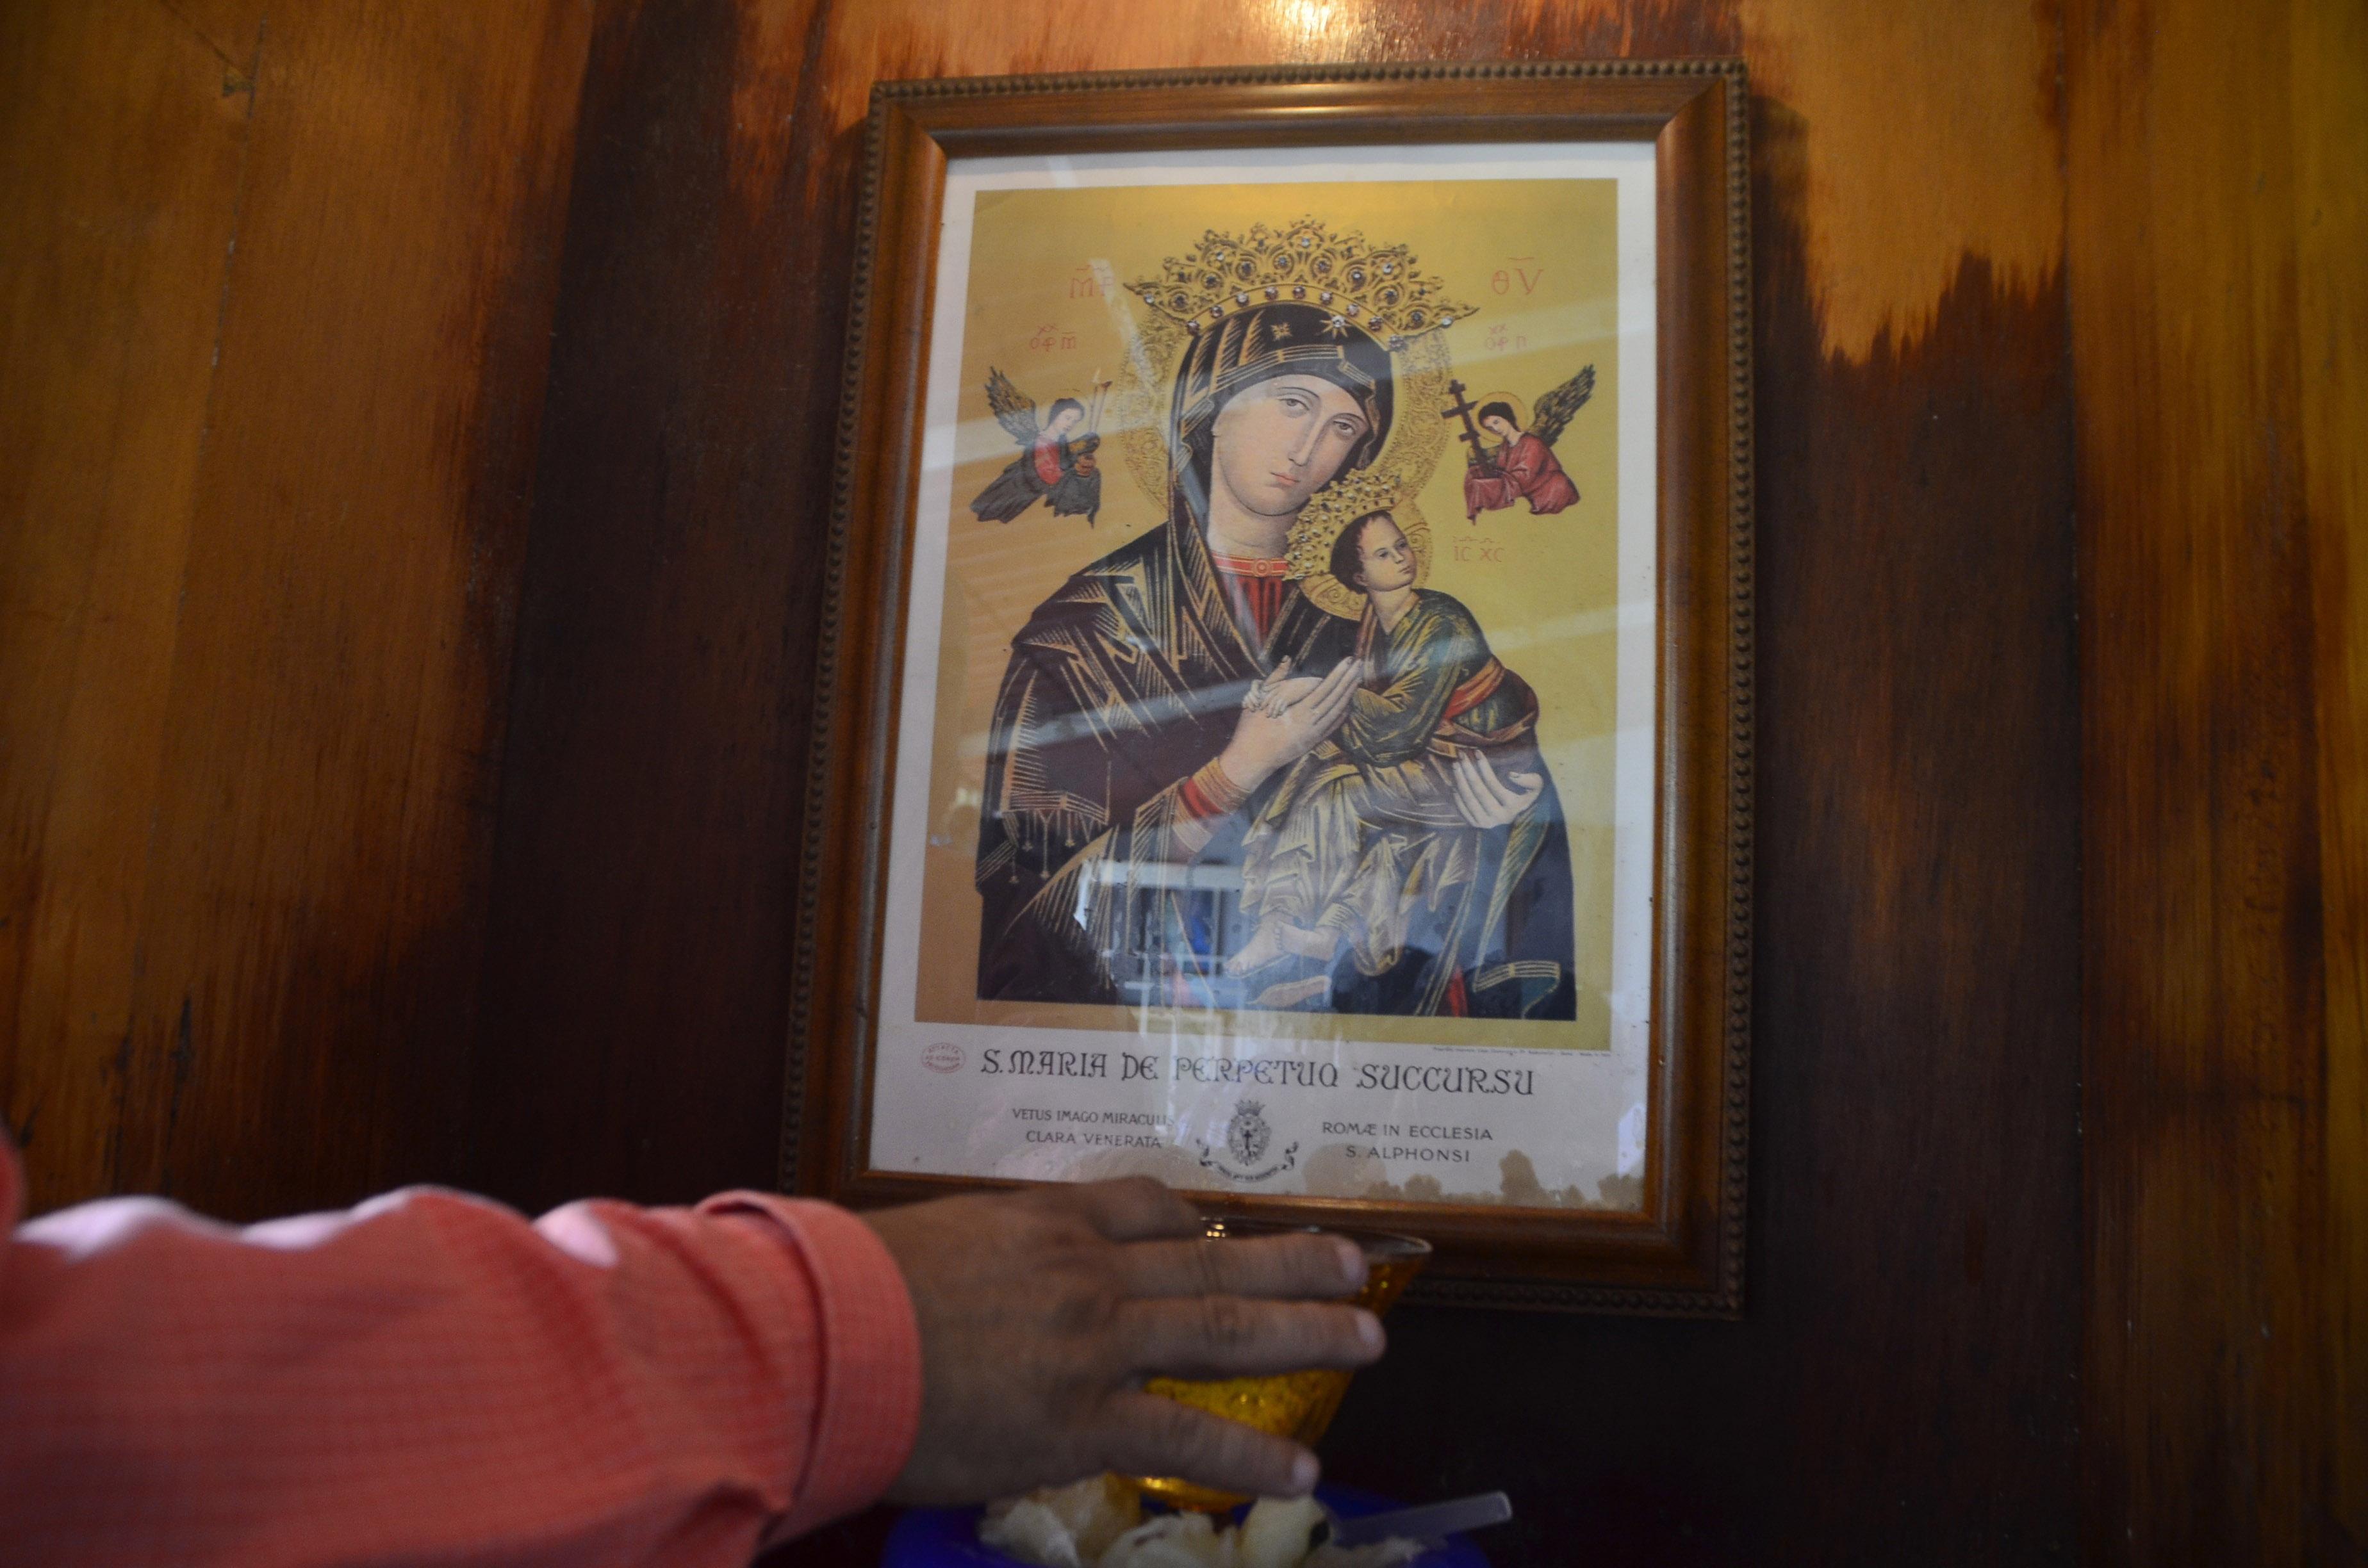 Se auspiciará misa en capilla de la Virgen del Perpetuo Socorro